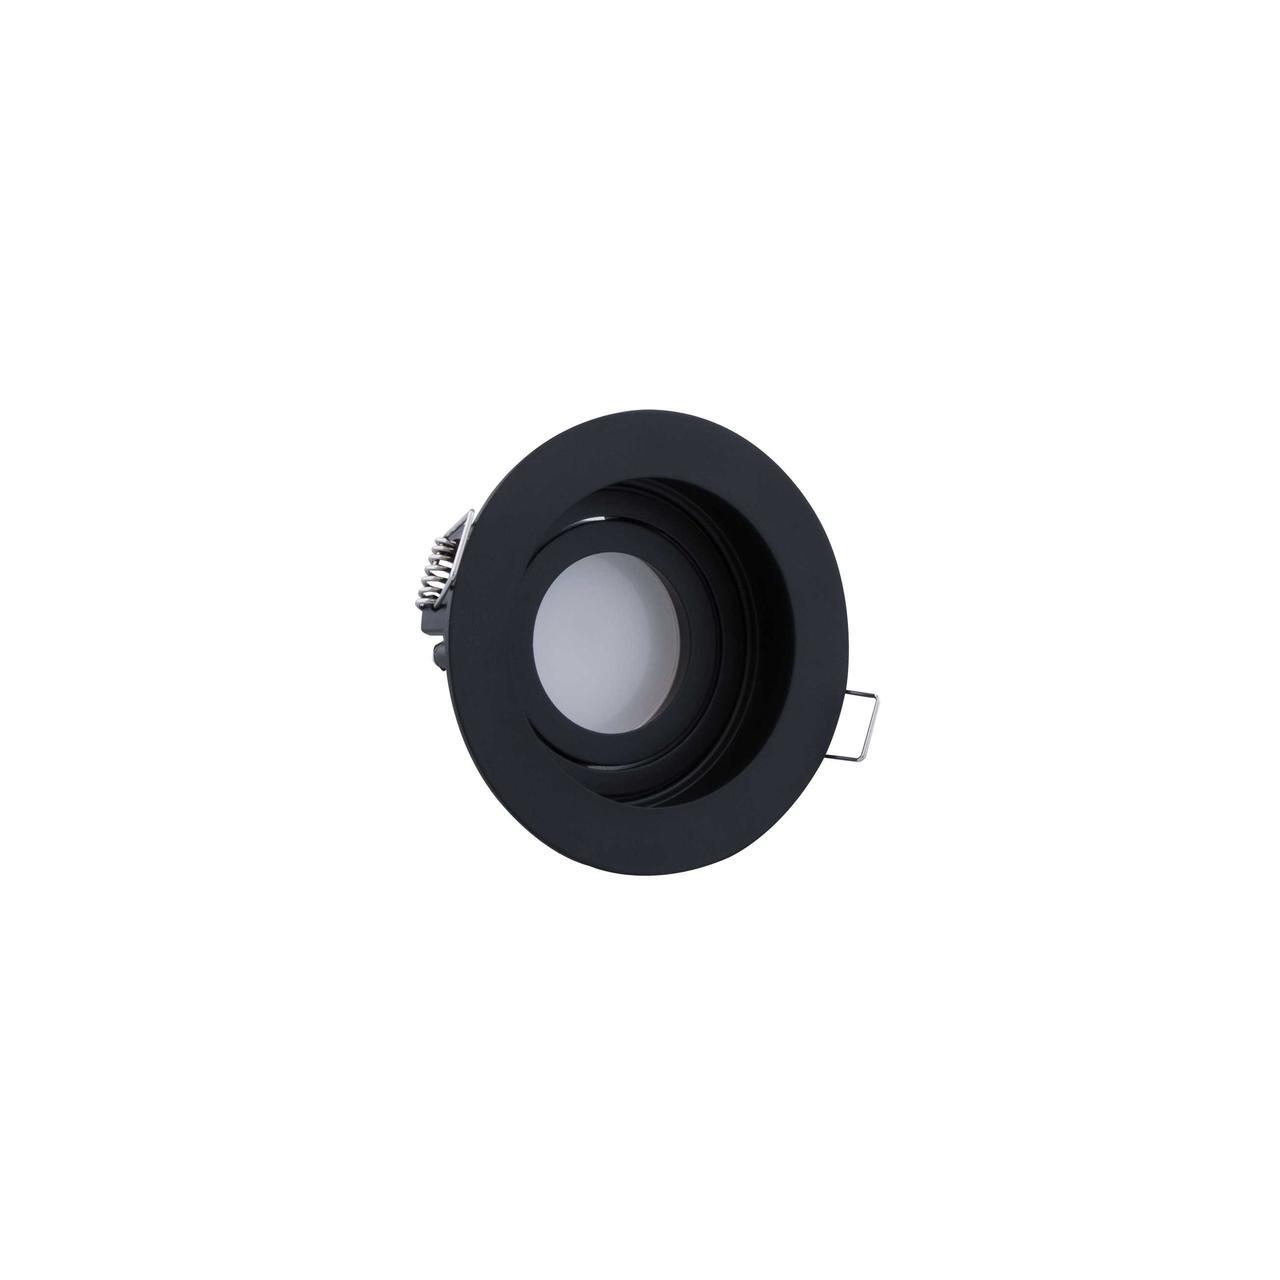 Led спот врезной круг черный TH3529 BK